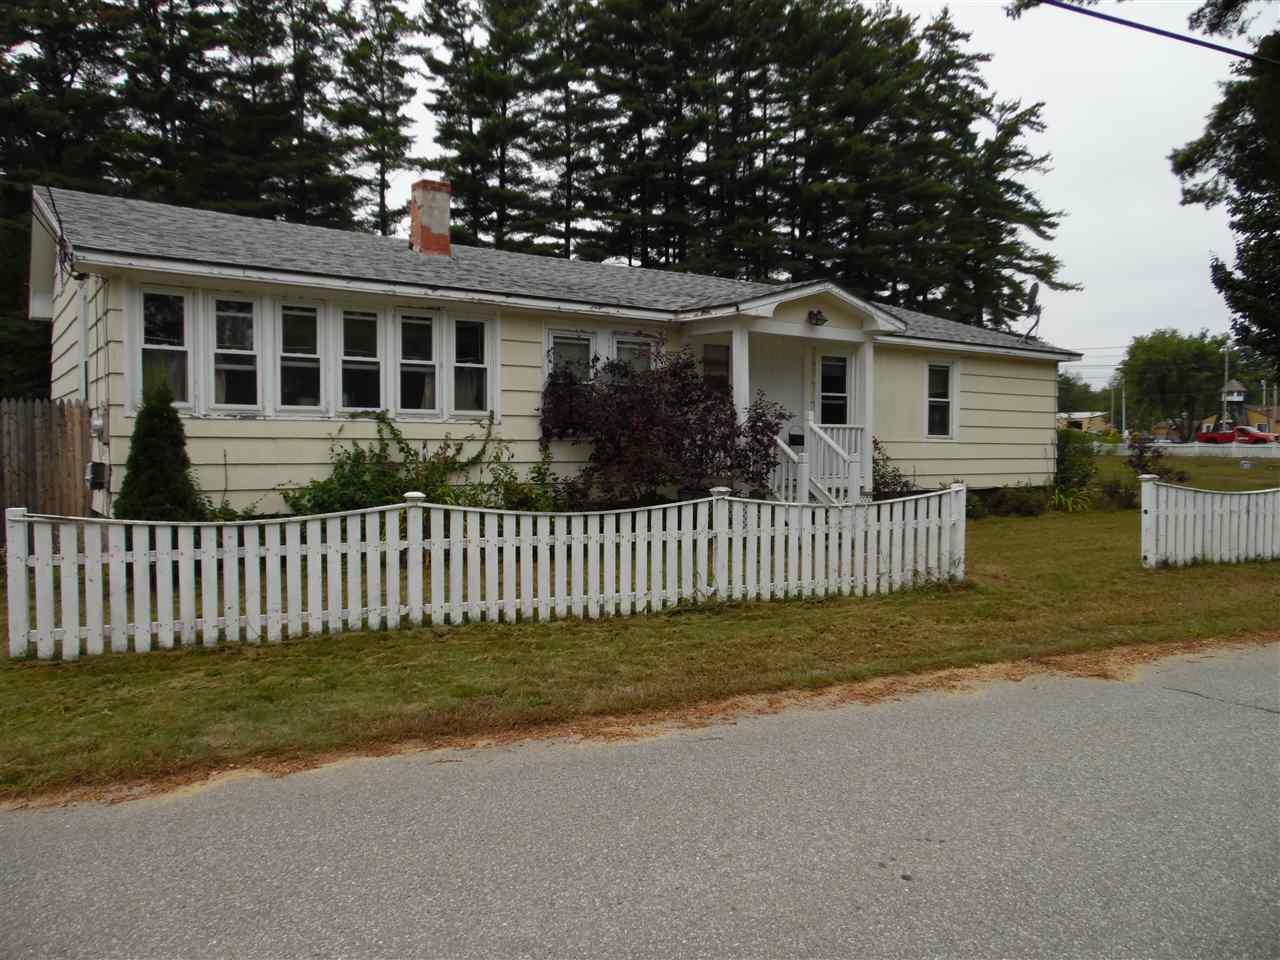 Tilton NHHome for sale $$143,000 $87 per sq.ft.